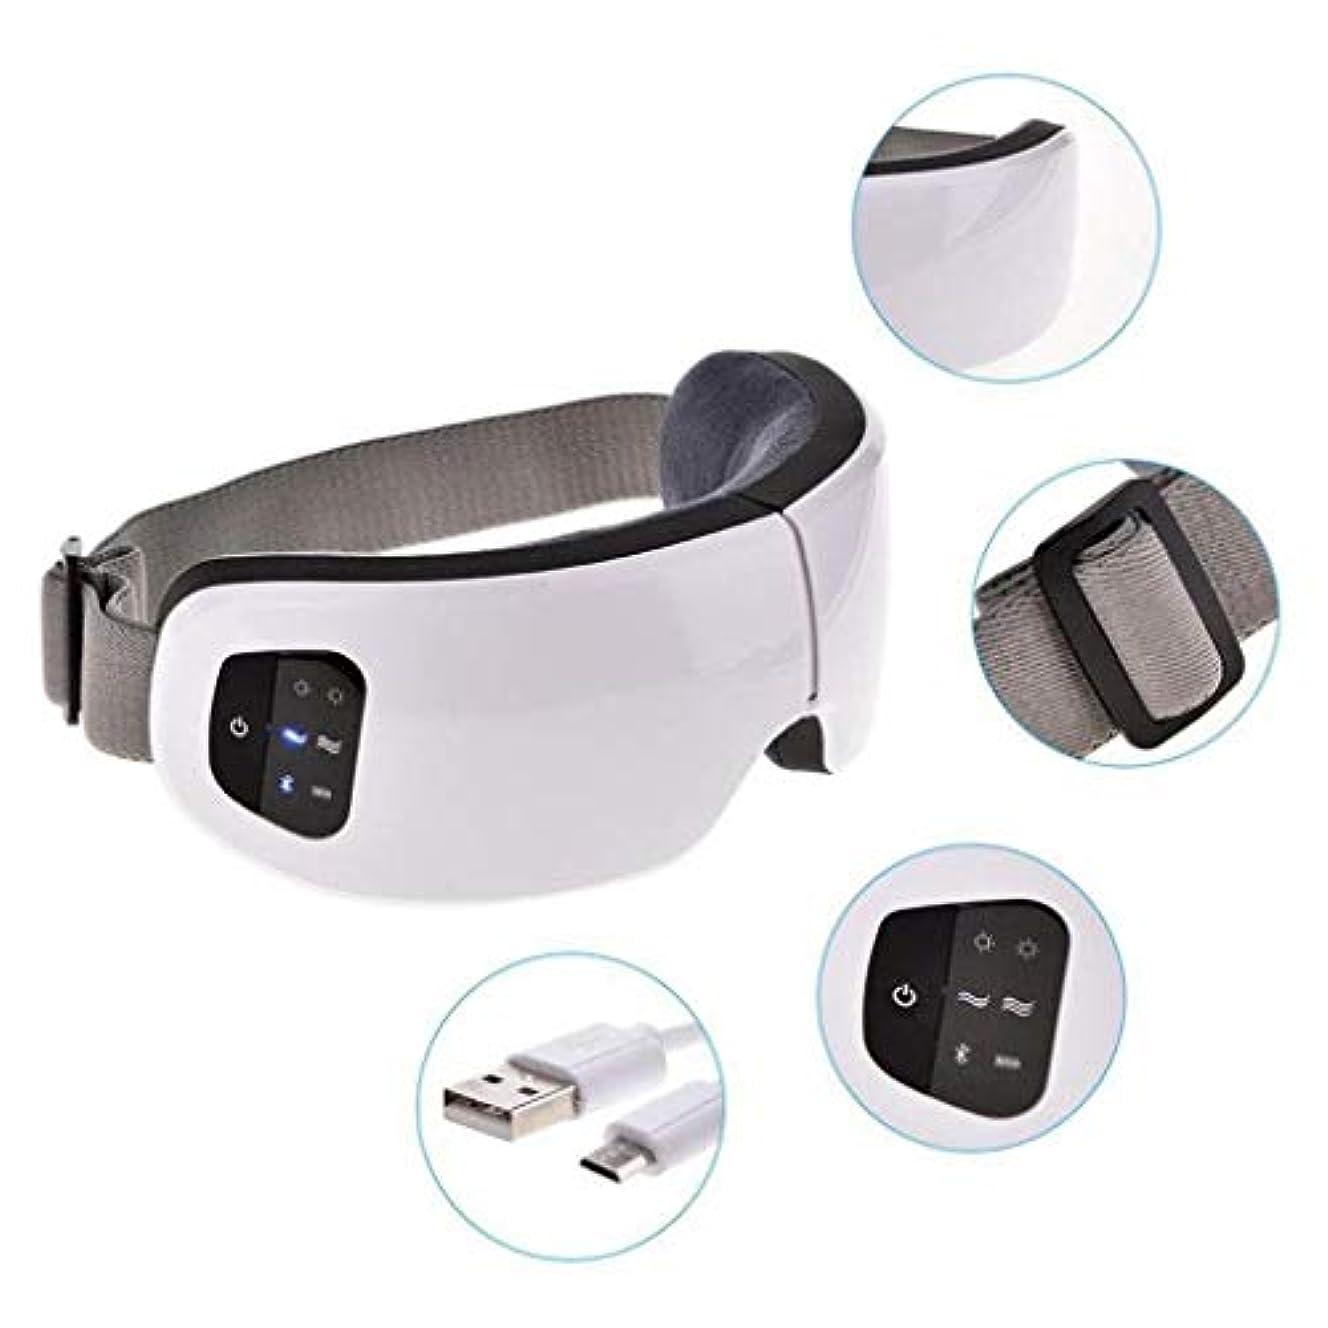 航海欺ペインホットプレス充電式ワイヤレスアイマッサージャーマスク空気圧振動とBluetooth機能付きアイバッグ、ダークサークル、アイ疲労、ドライアイ